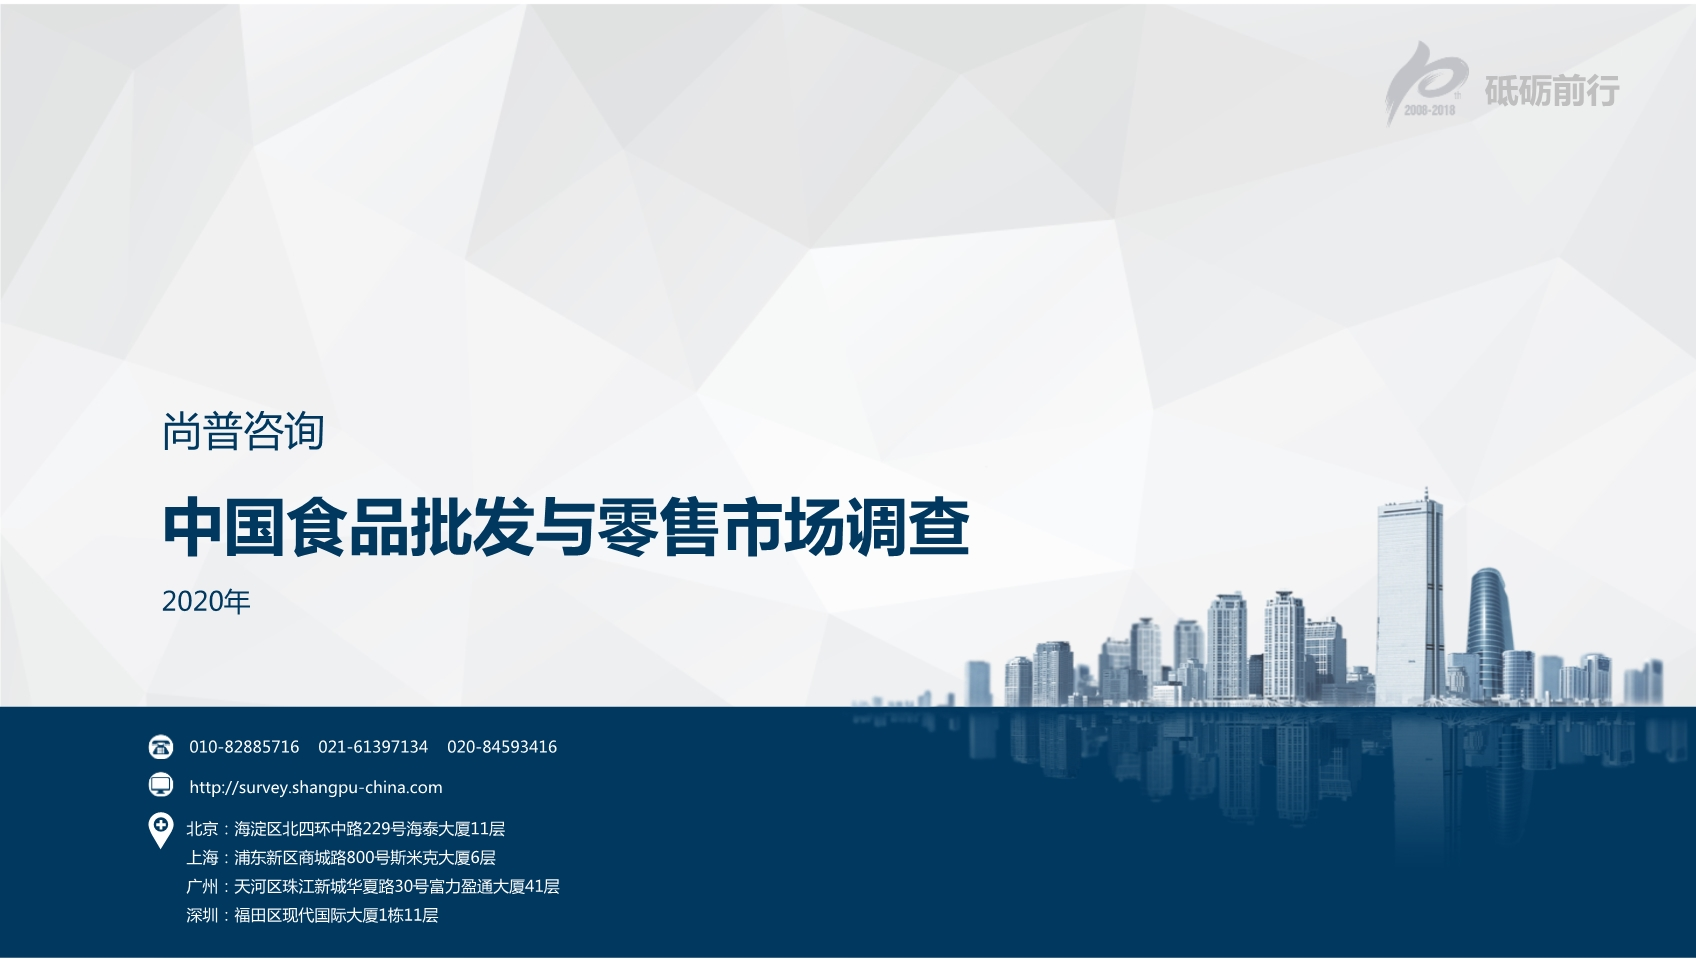 尚普咨询:2020年中国食品批发与零售市场调查